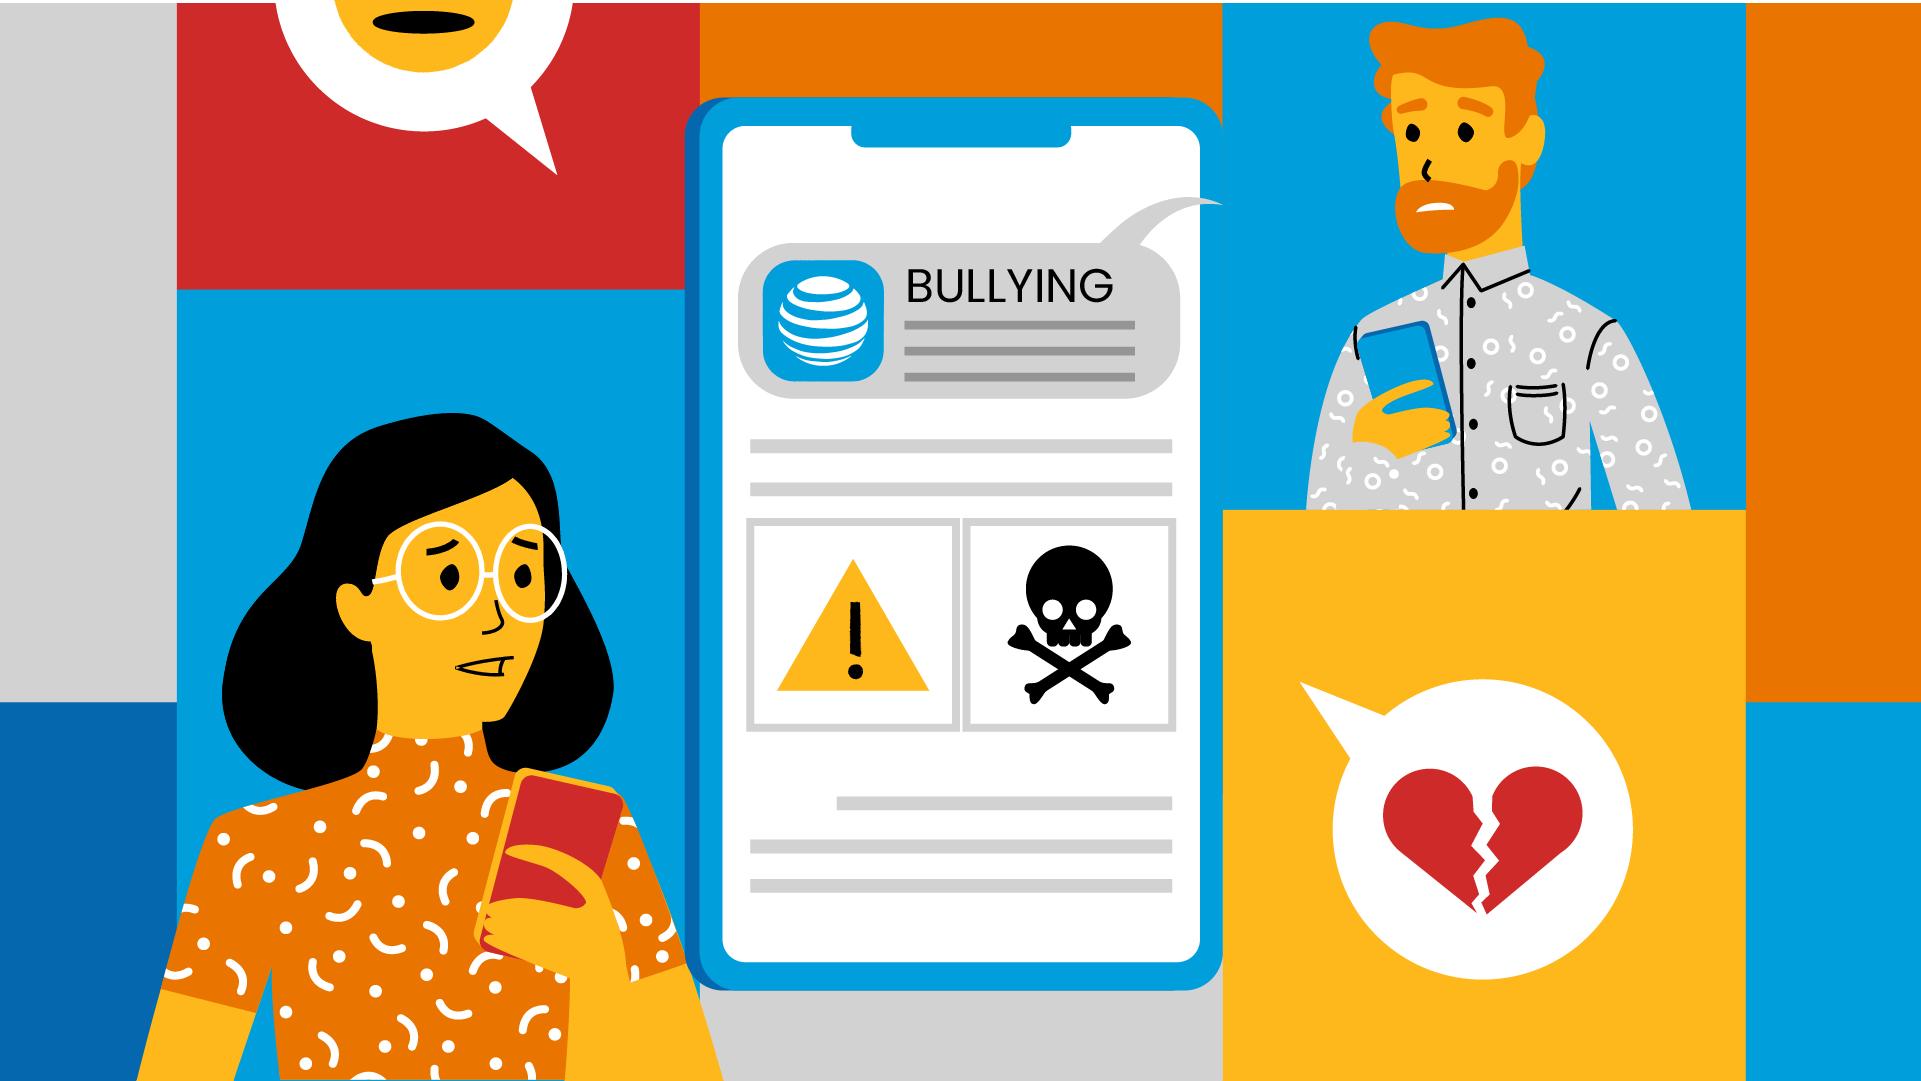 Cyberbullying copy 10